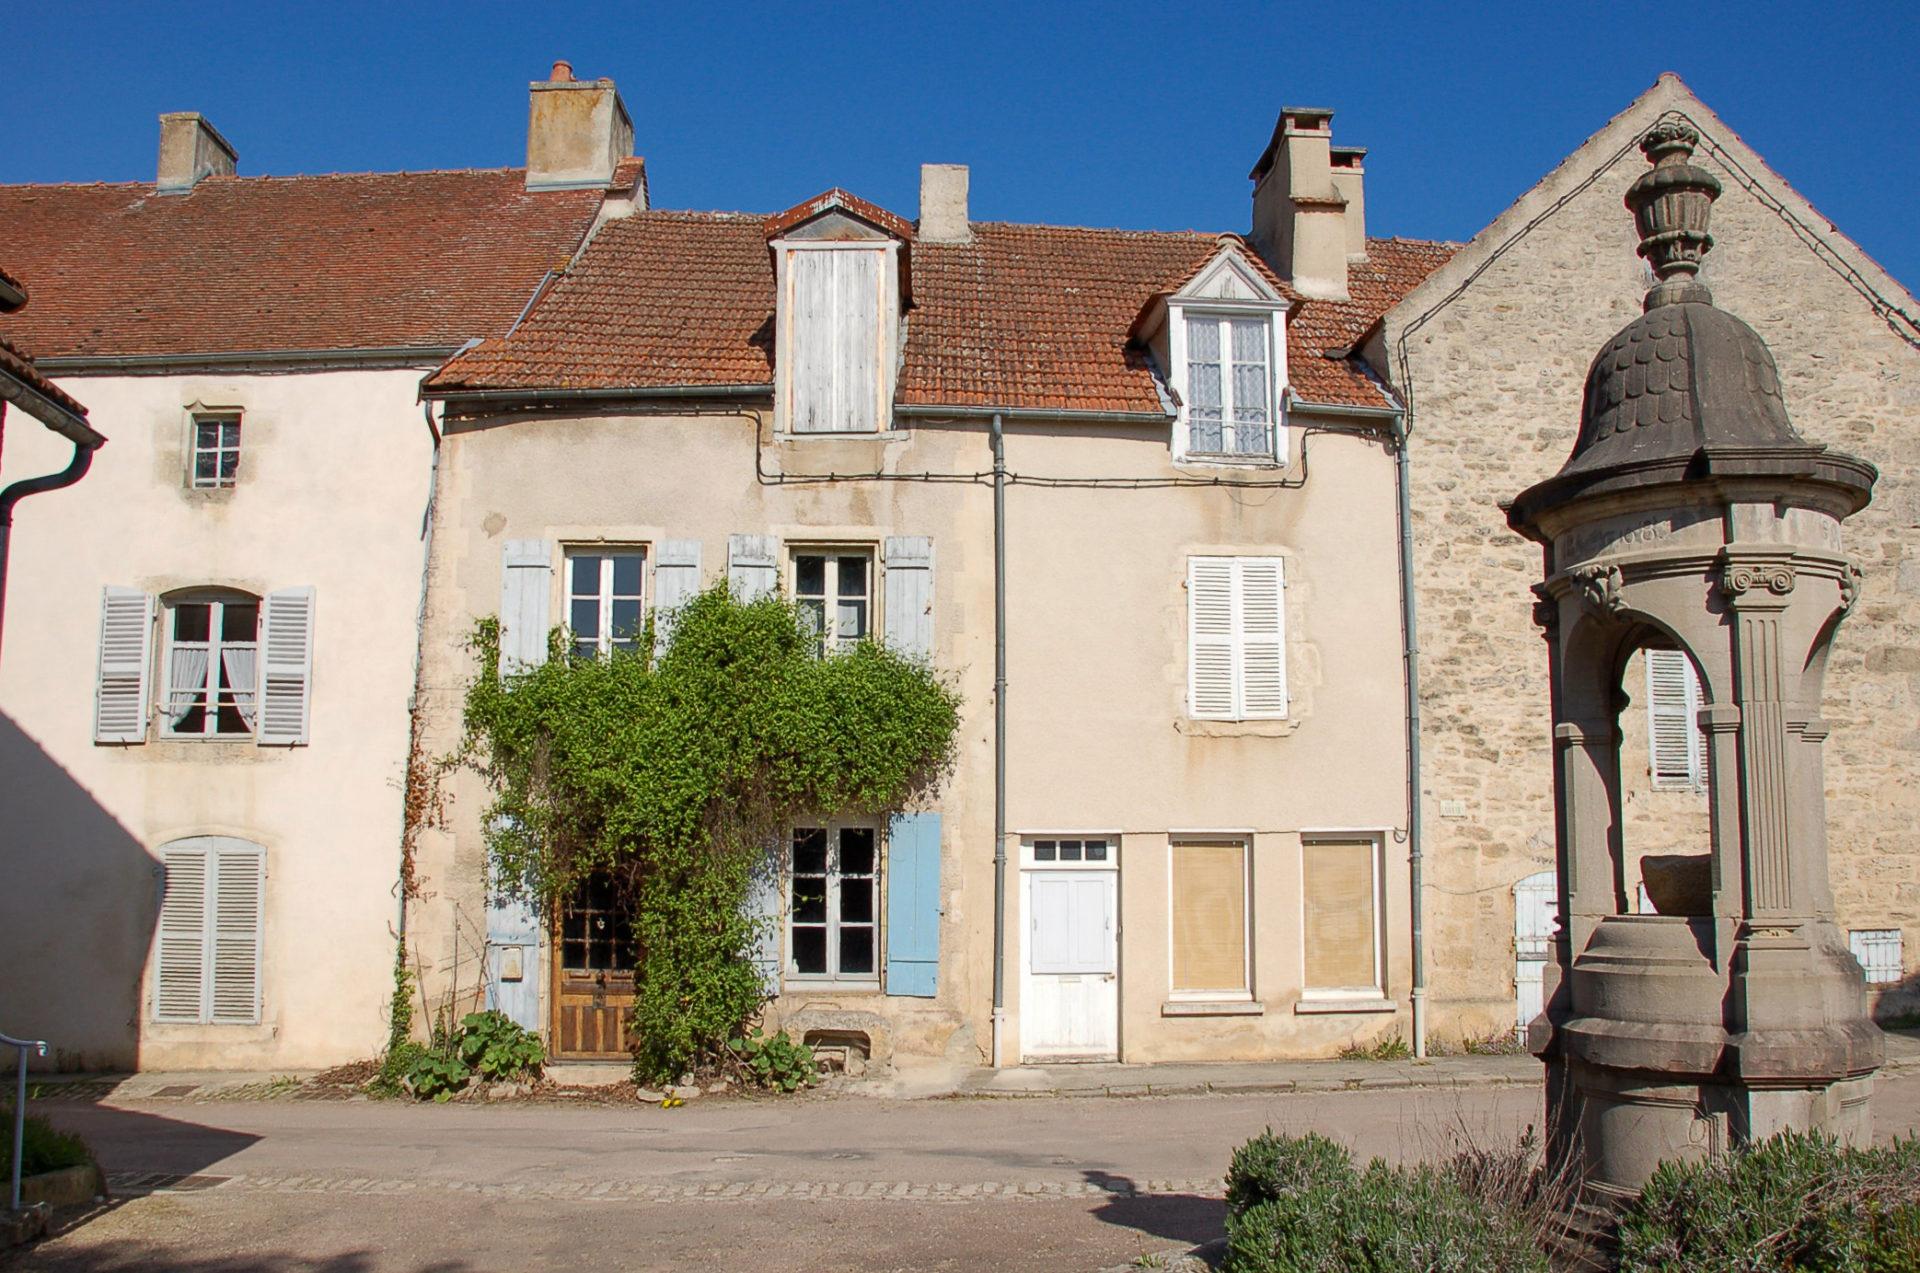 Das Dorf Flavigny wurde zu einem der schönsten Frankreichs geadelt